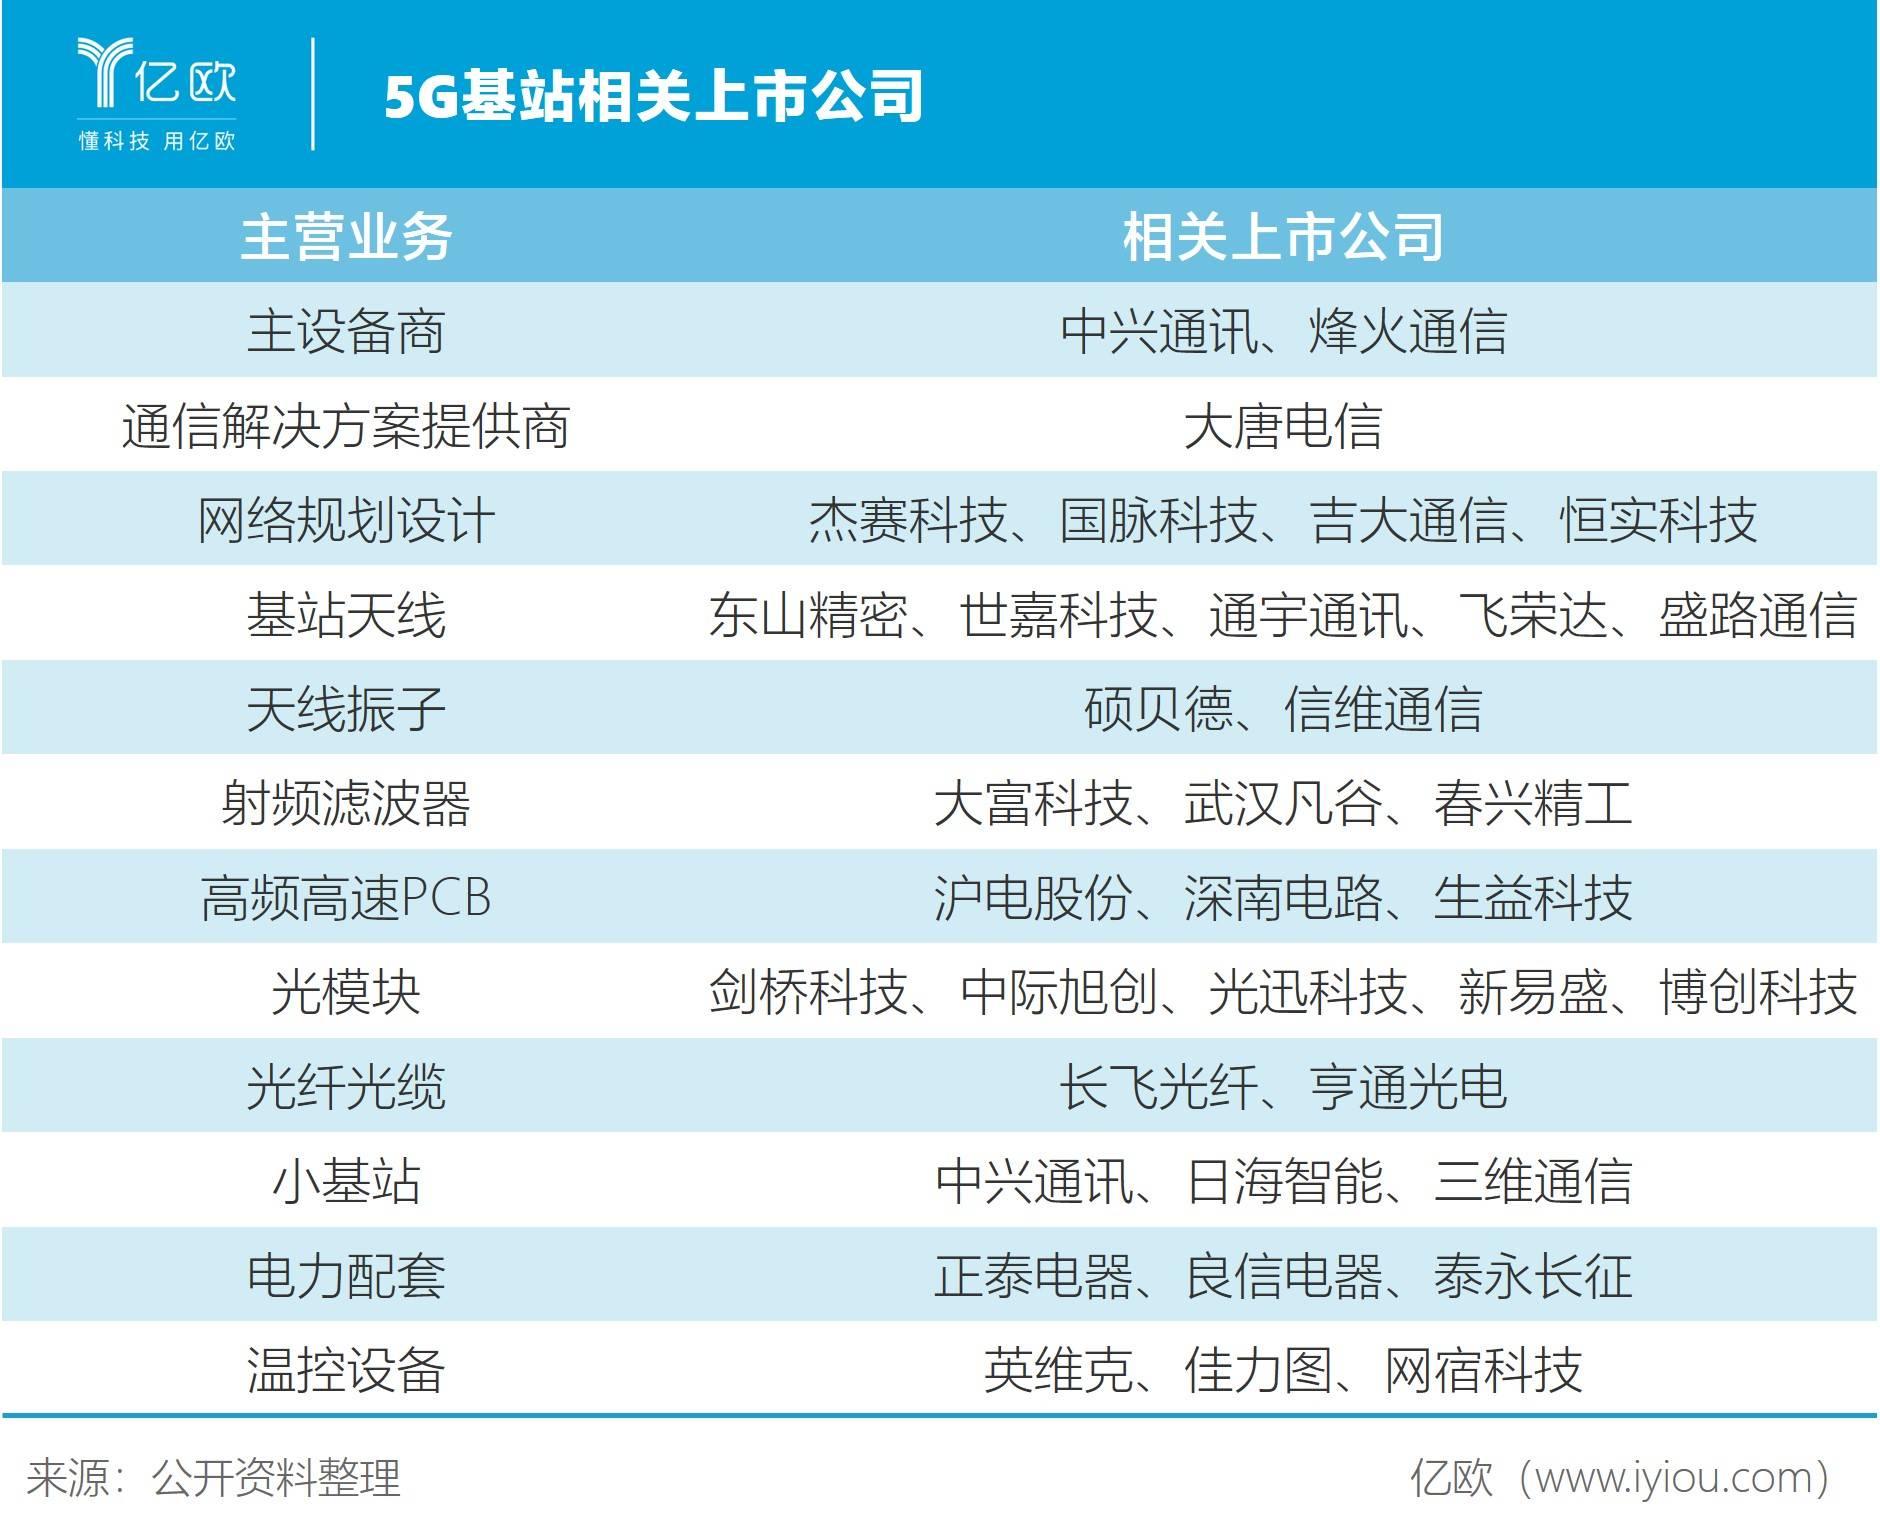 5G基站相关上市企业